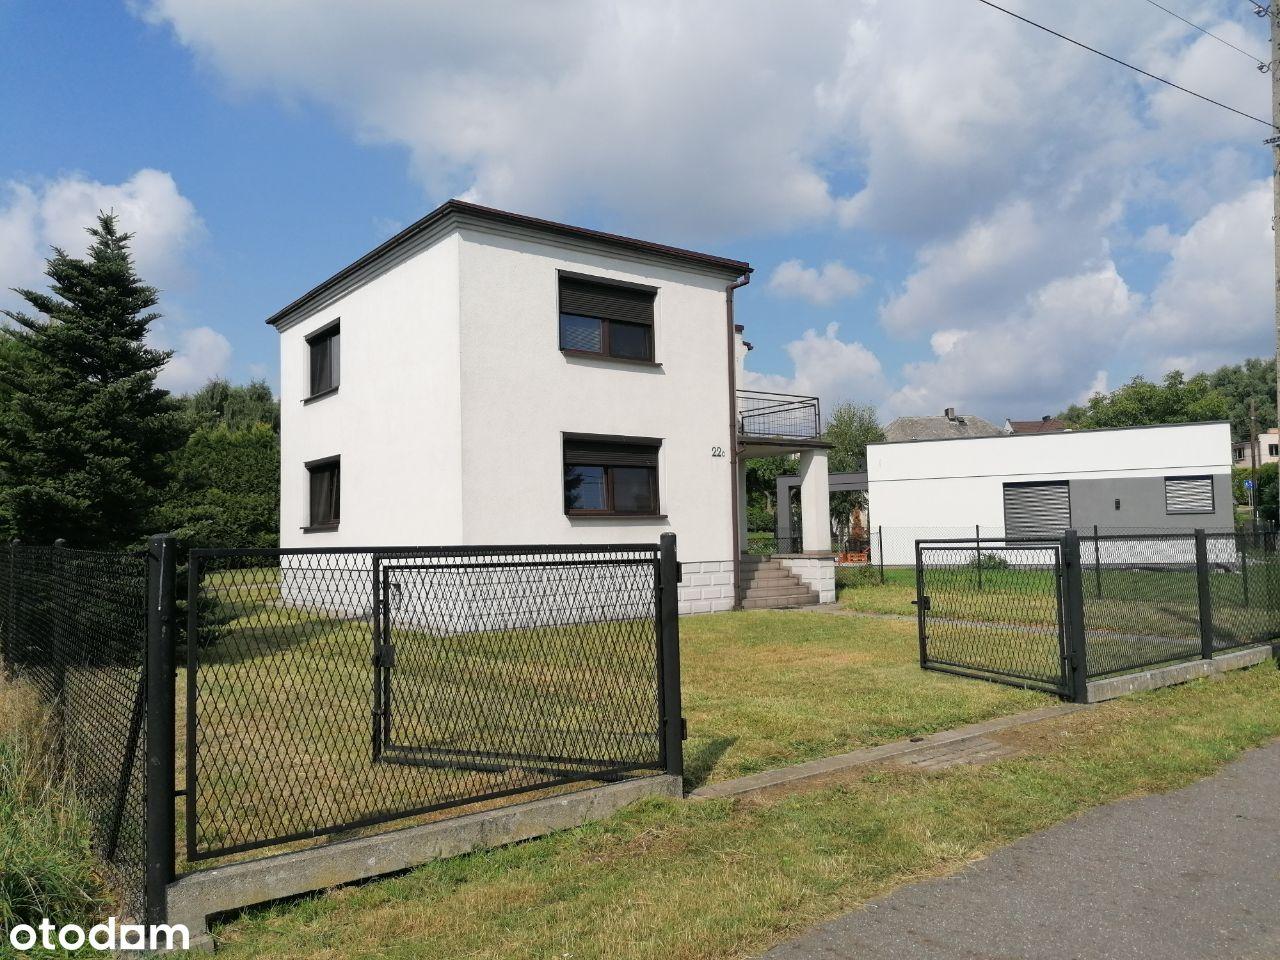 Dom jednorodzinny w Radlinie - REZERWACJA